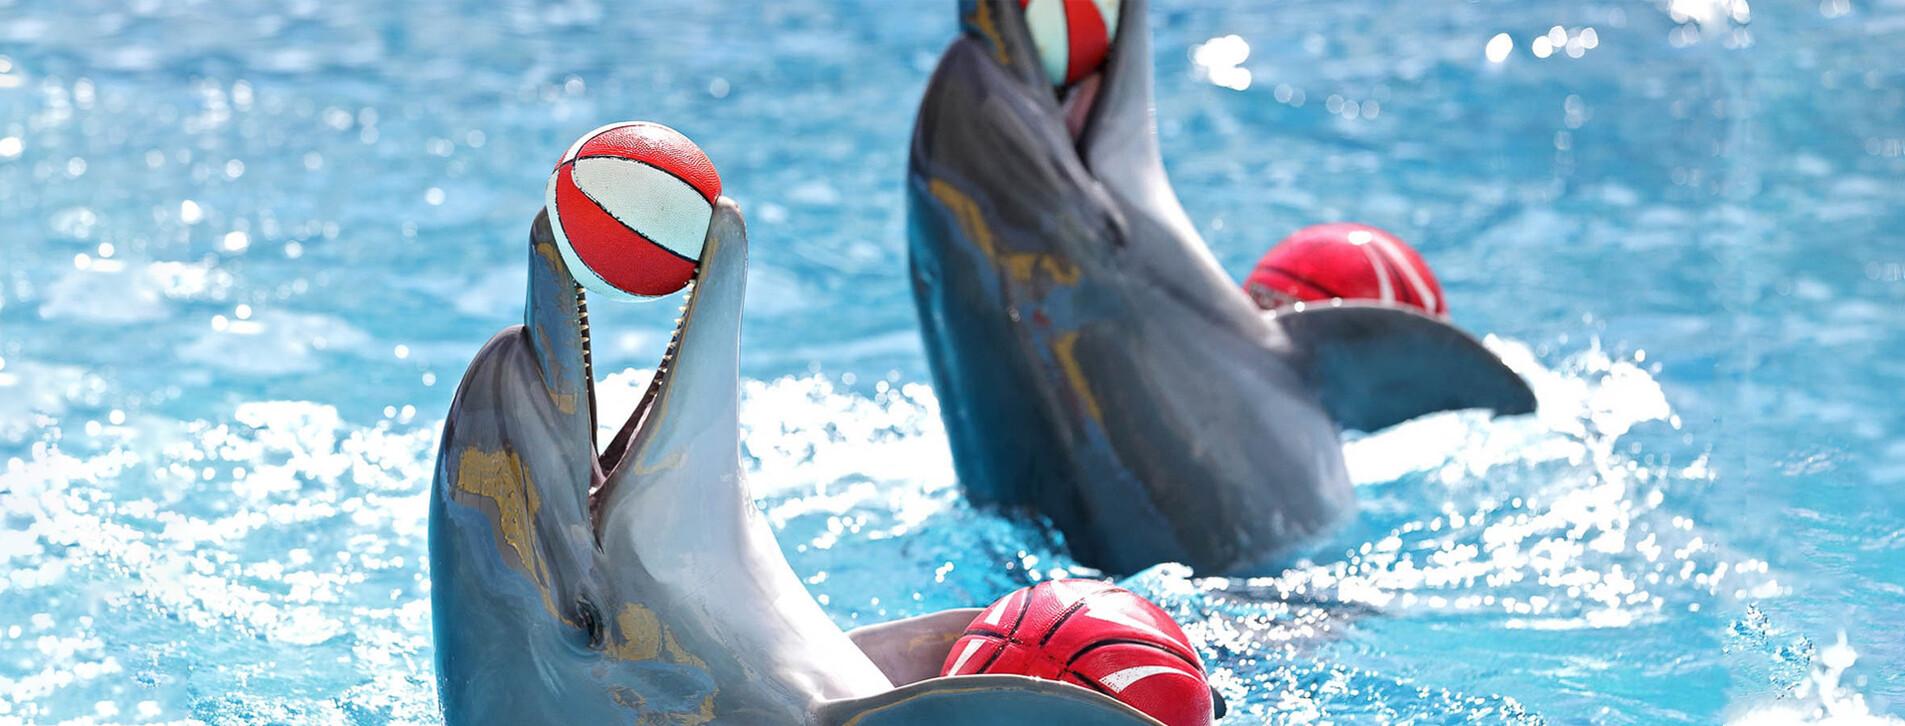 Fotoğraf - Aile için Dolphinarium Gösterisi